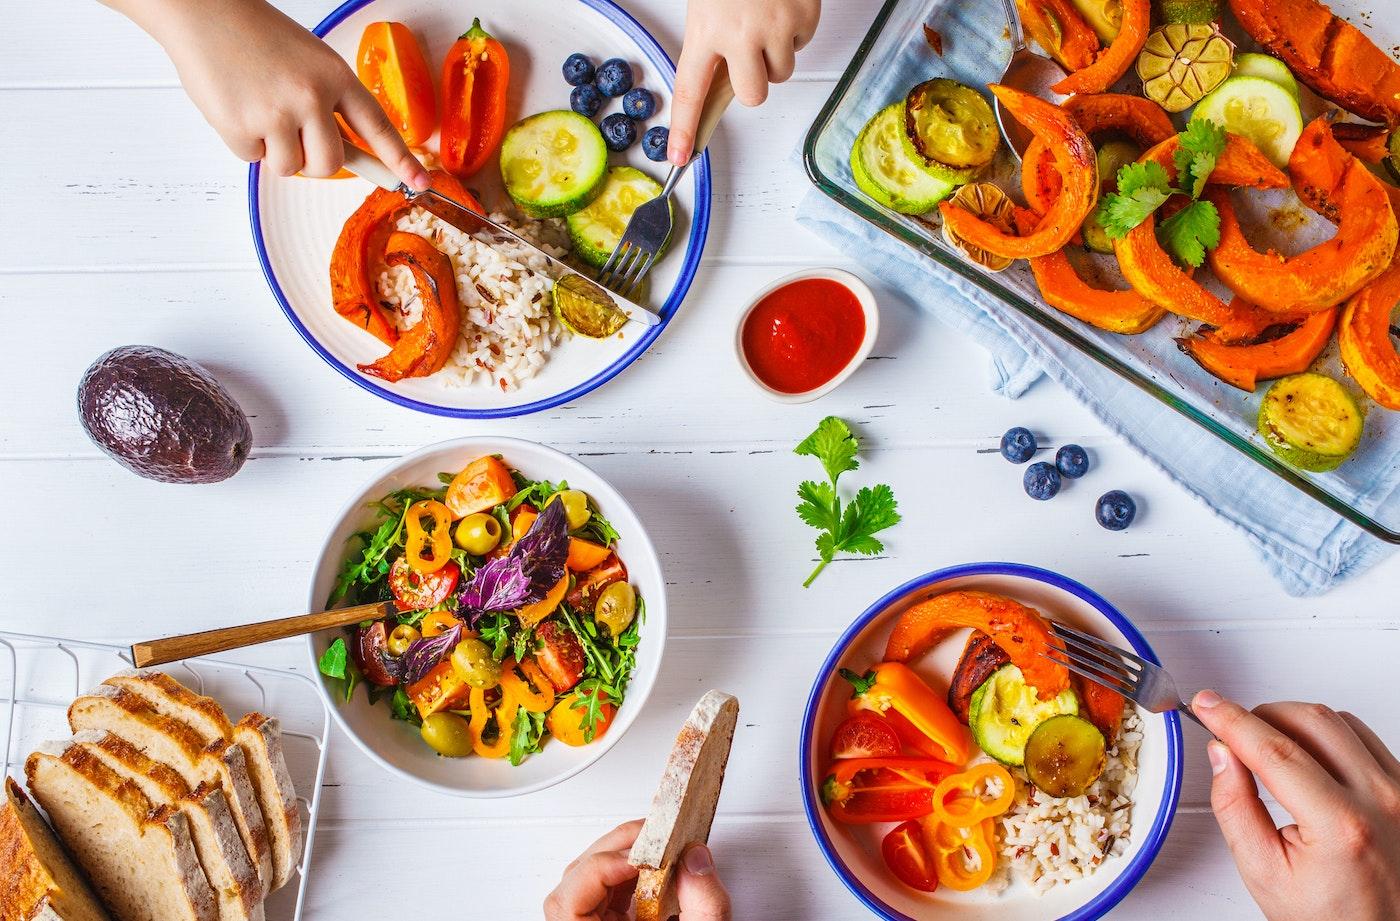 Chế độ ăn kiêng flexitarian hân thiện với môi trường